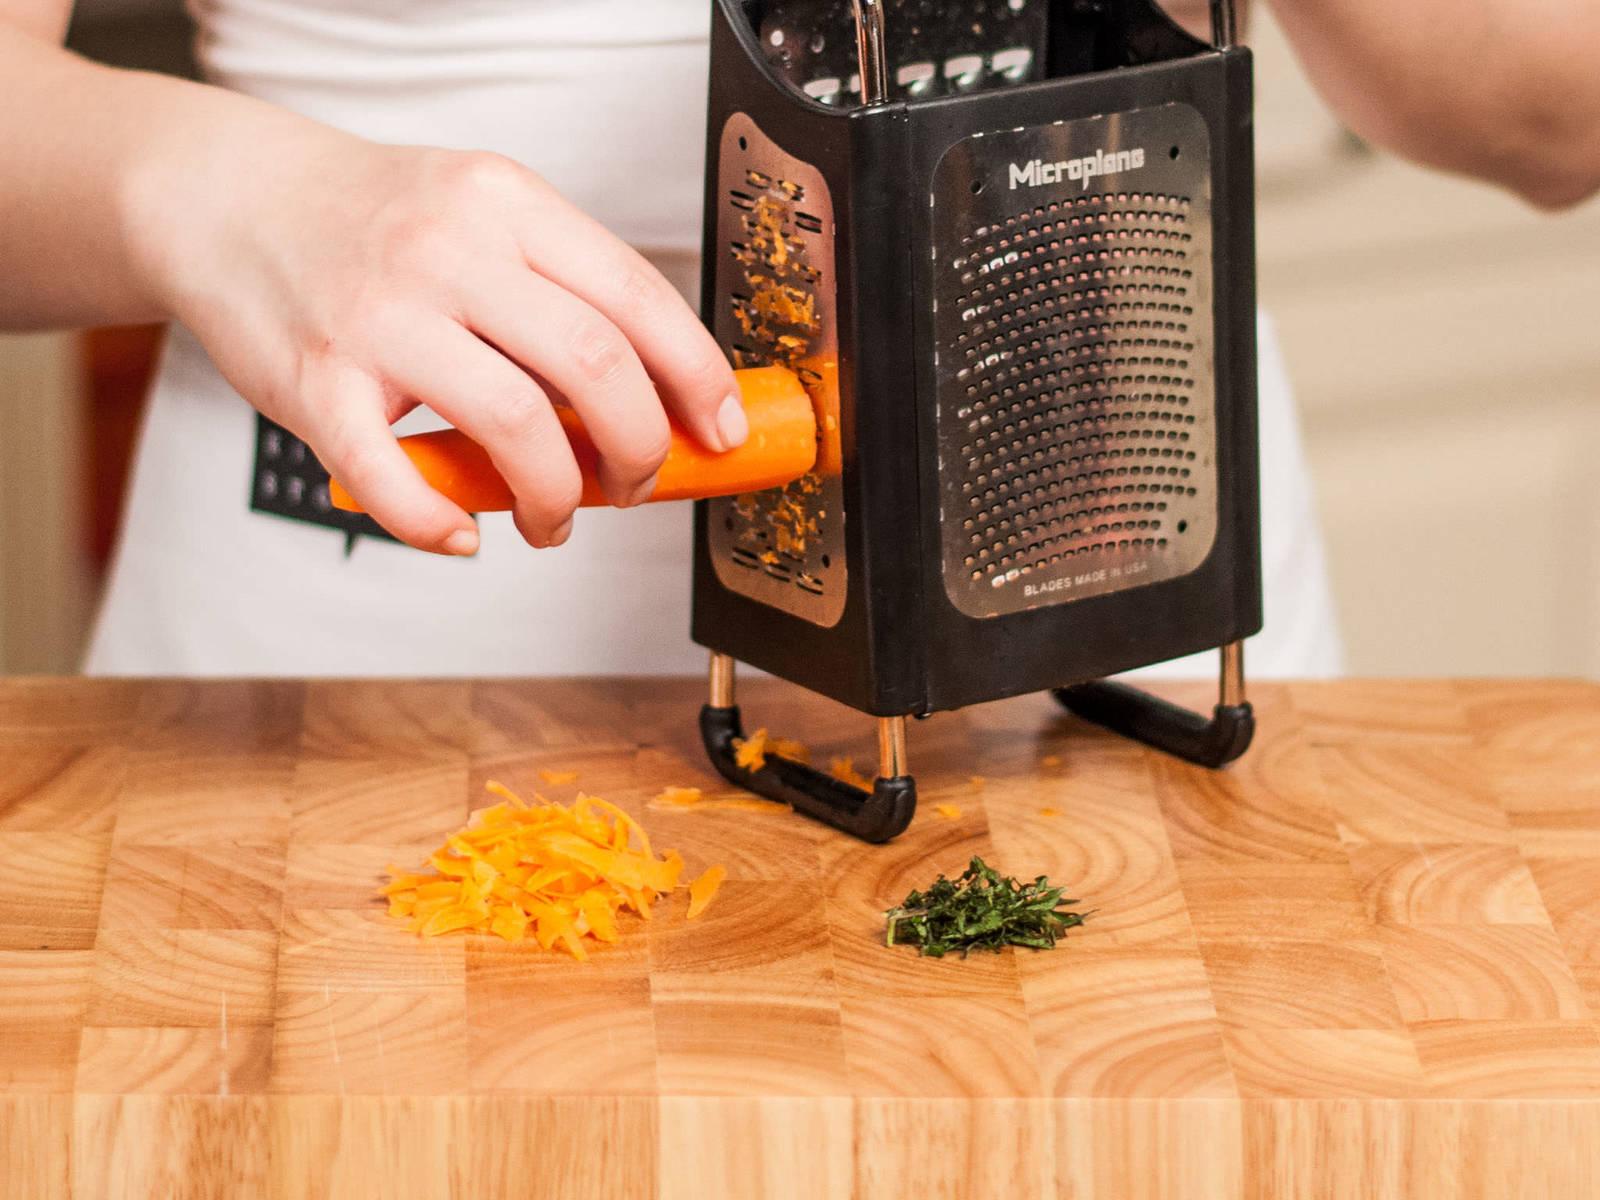 制作胡萝卜沙拉:将薄荷剁细碎,胡萝卜削皮,擦碎。